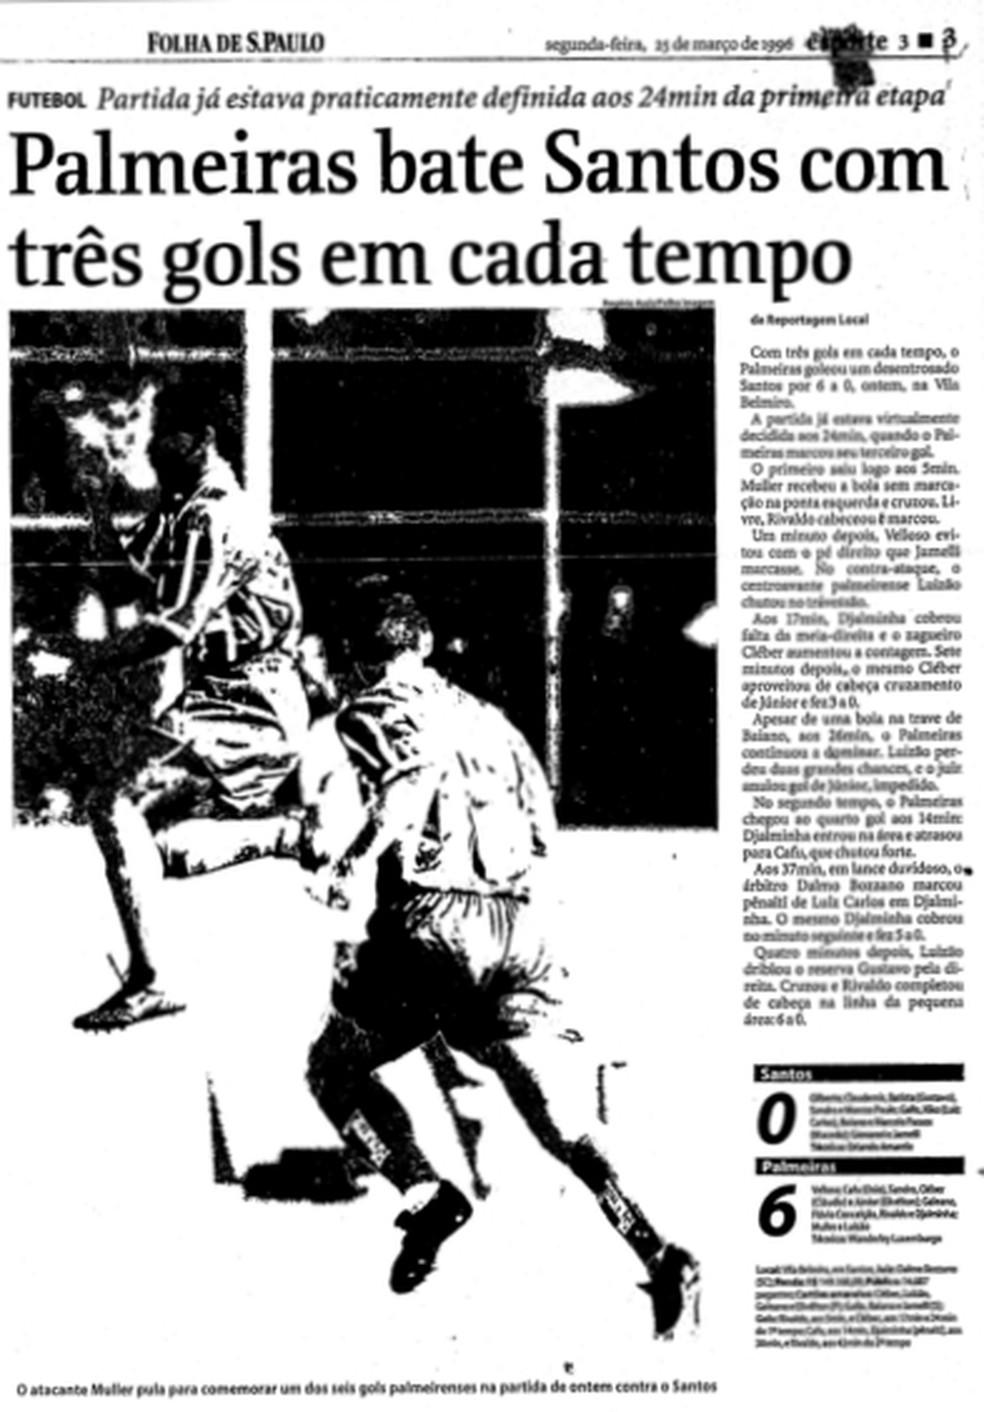 """Palmeiras venceu com três gols em cada tempo, como destacou a """"Folha de S.Paulo"""" (Foto: Reprodução)"""